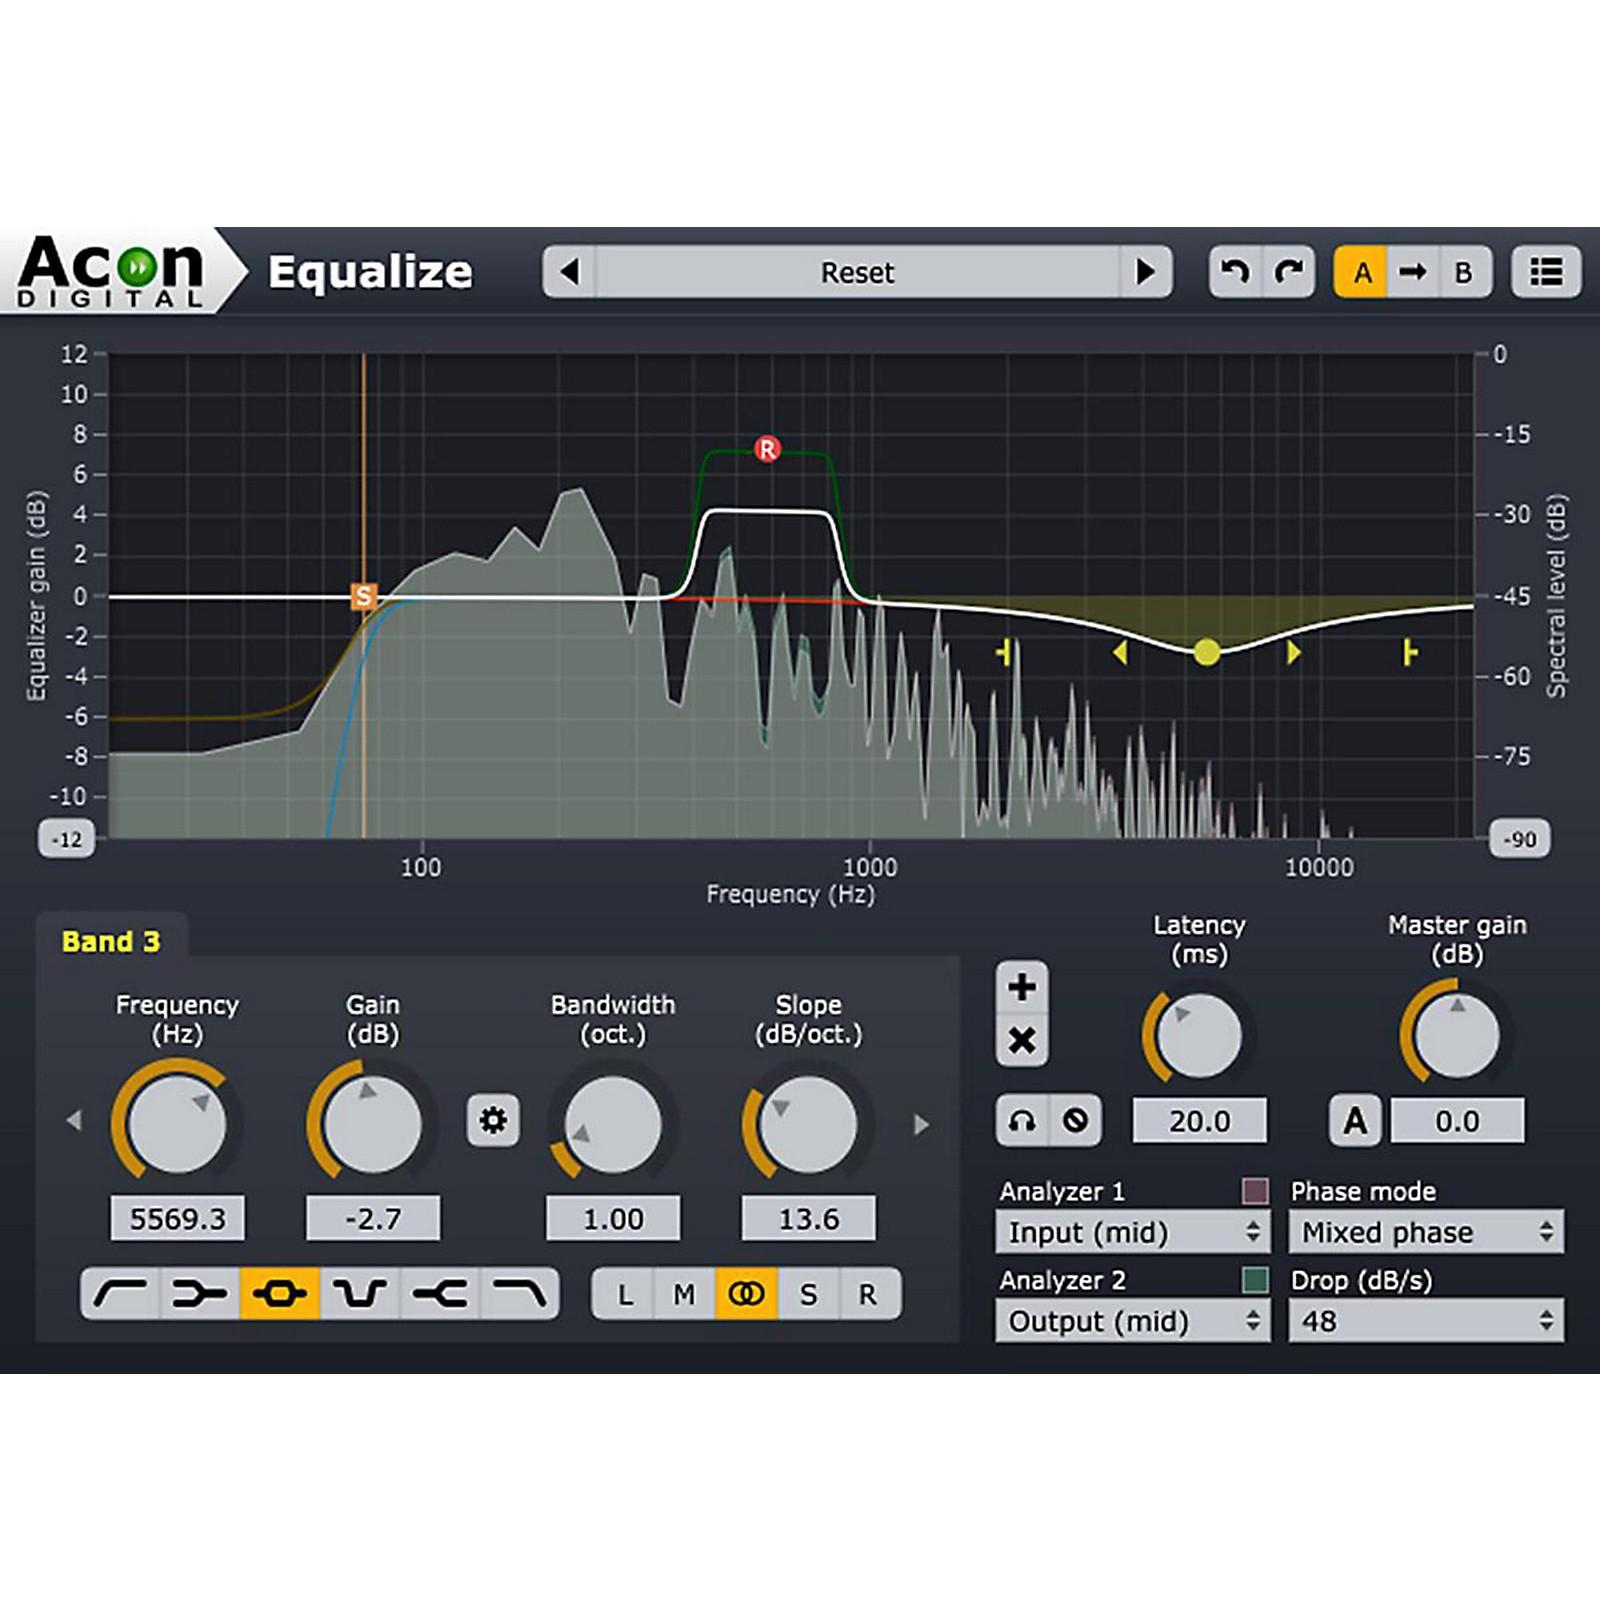 ACON DIGITAL Acon Equalize